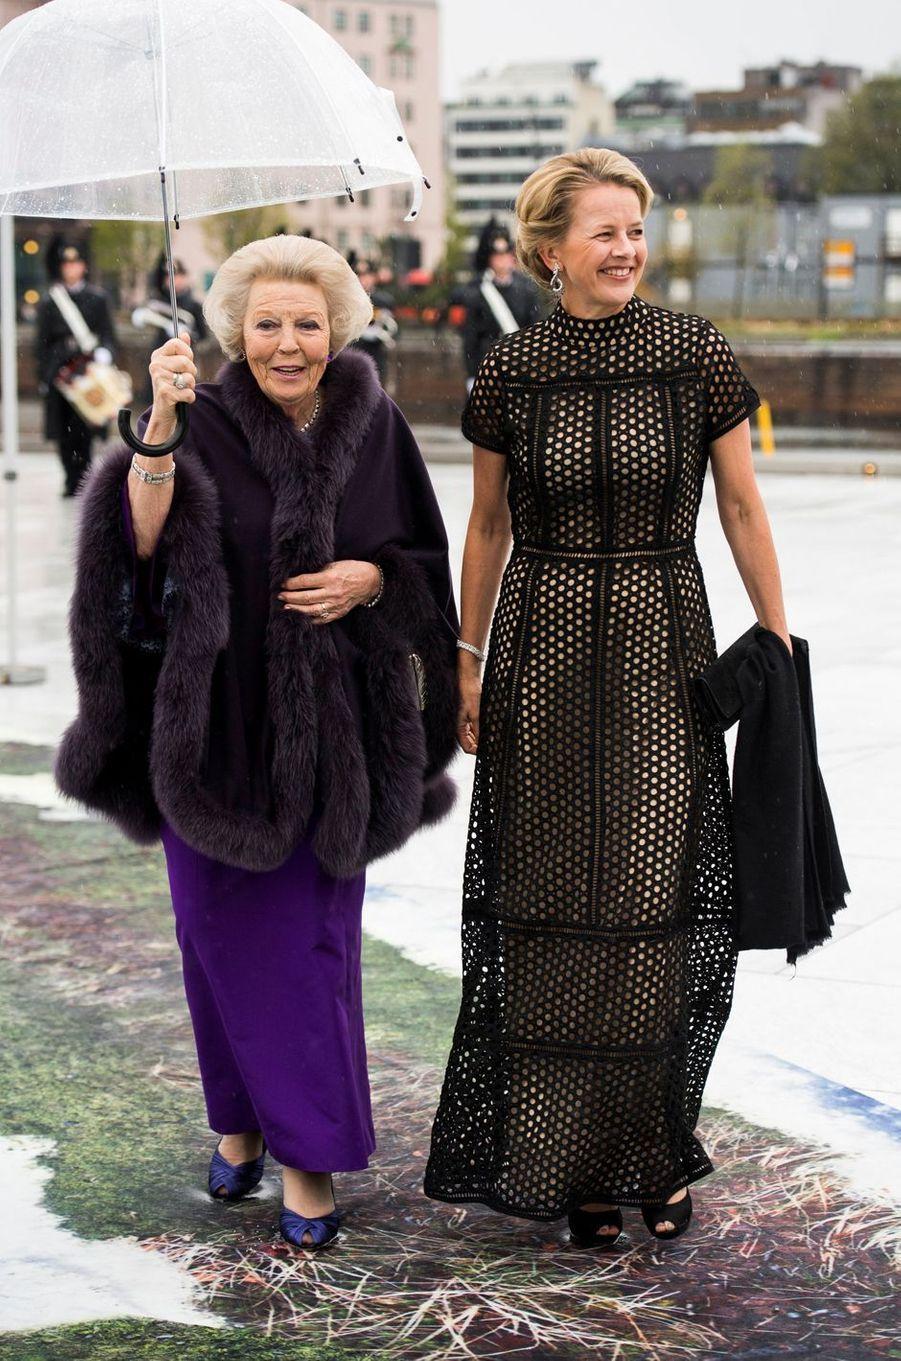 La princesse Mabel d'Orange-Nassau avec sa belle-mère l'ex-reine Beatrix des Pays-Bas, le 10 mai 2017